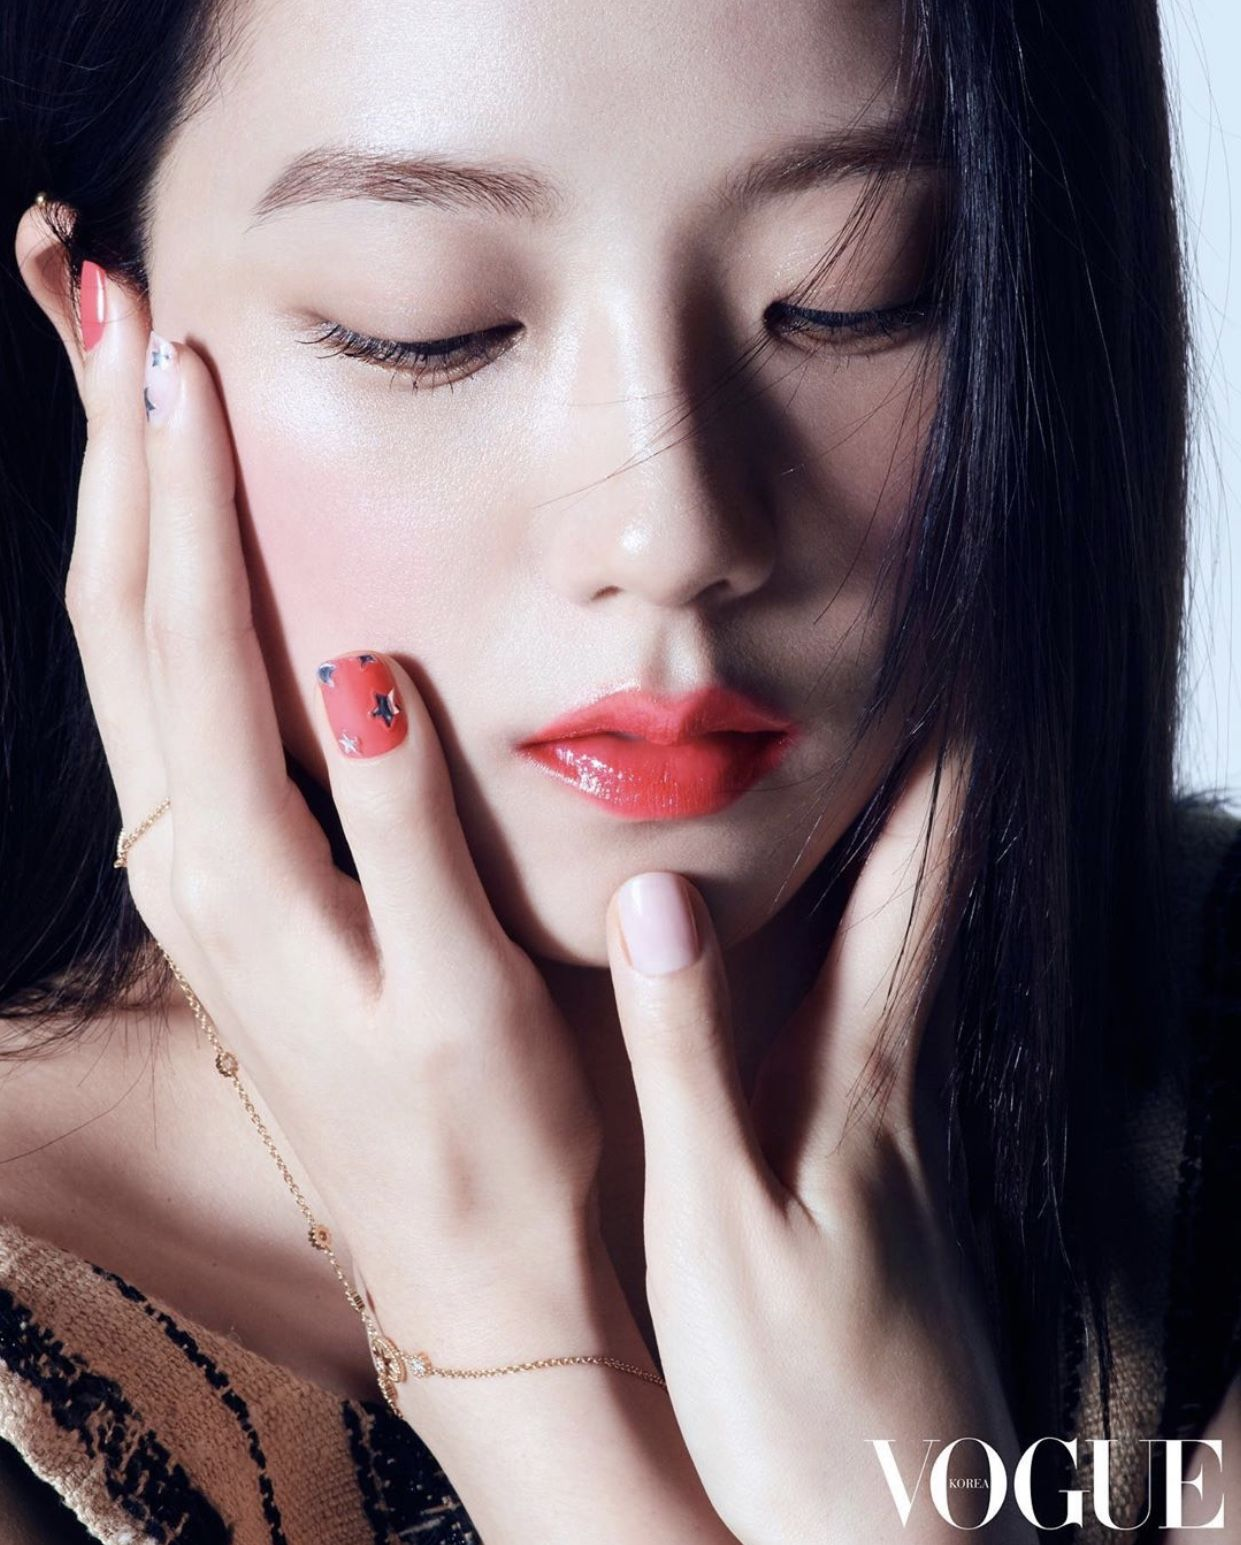 Ảnh hậu trường chưa PTS của Jisoo (BLACKPINK) gây sốt: Bảo sao được gọi là Hoa hậu, kéo đến chú thích lại ngã ngửa